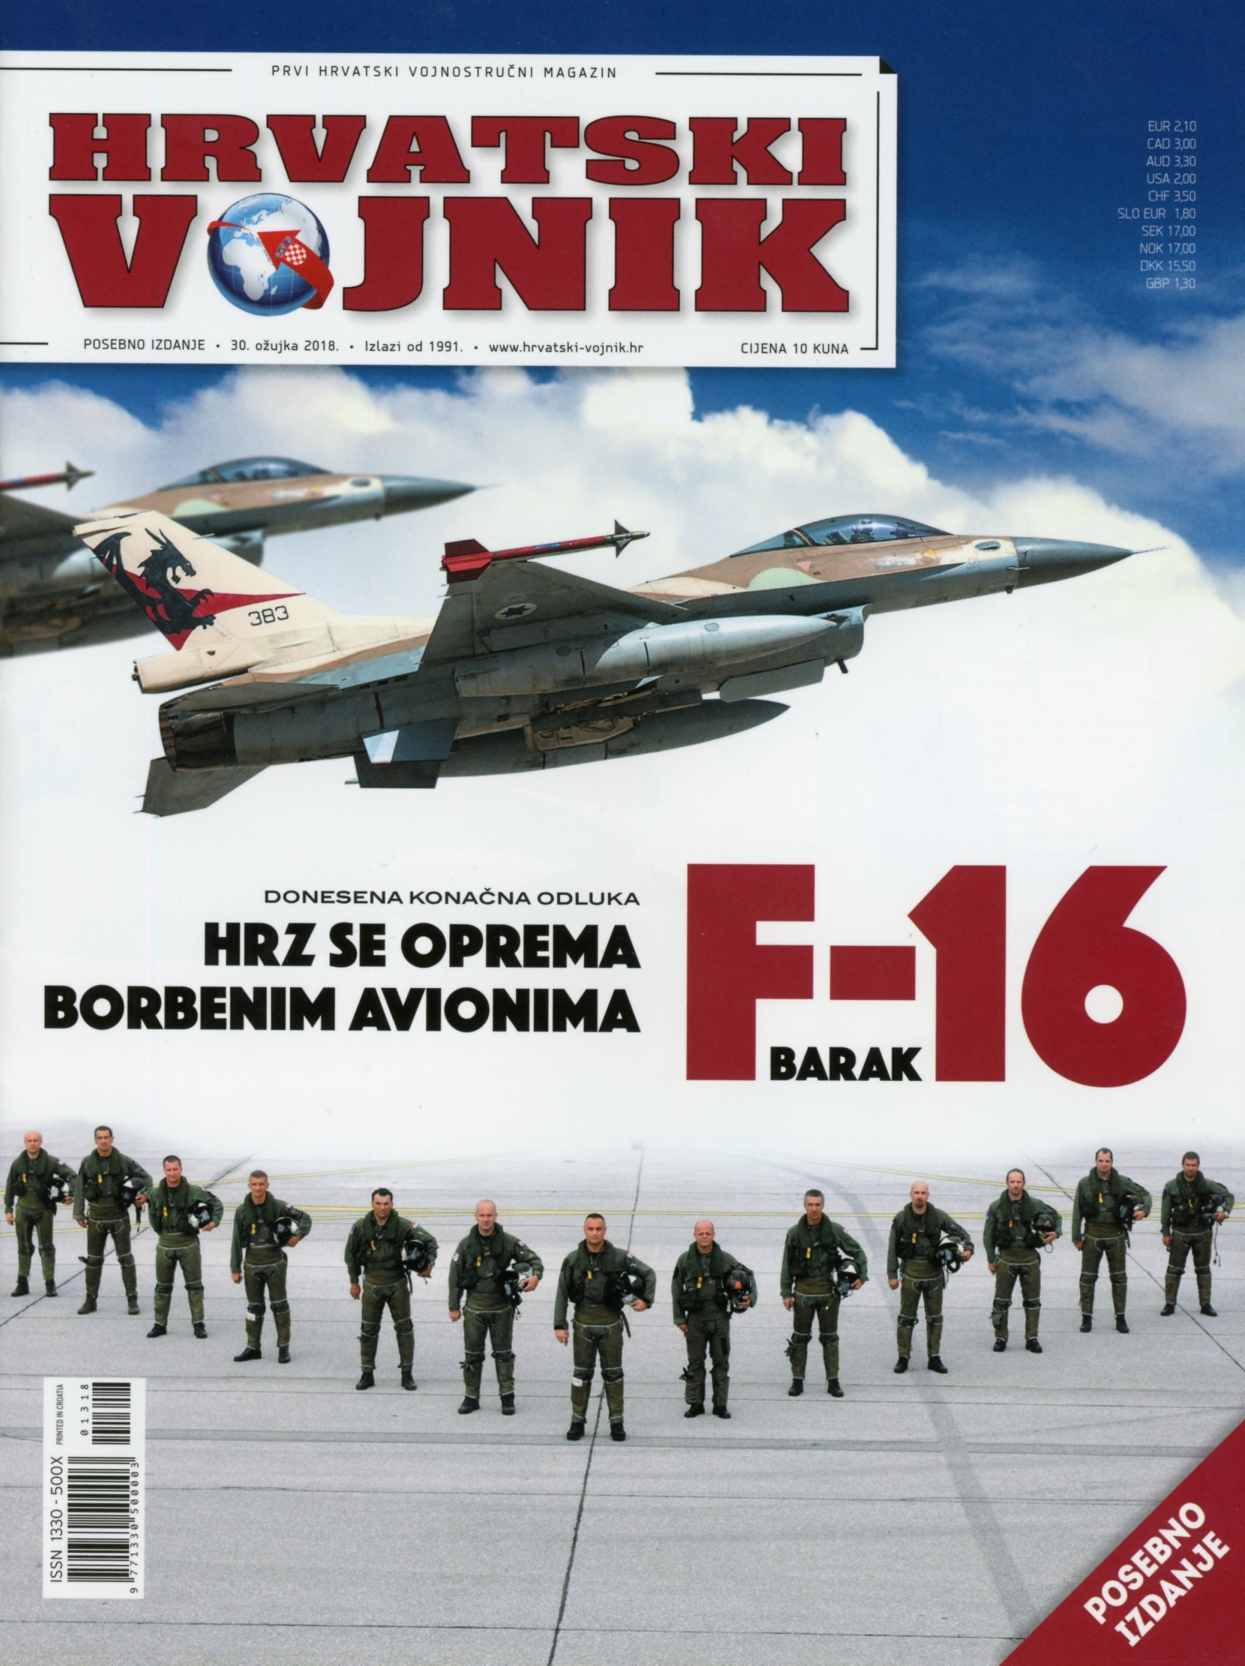 Hrvatski_Vojnik001